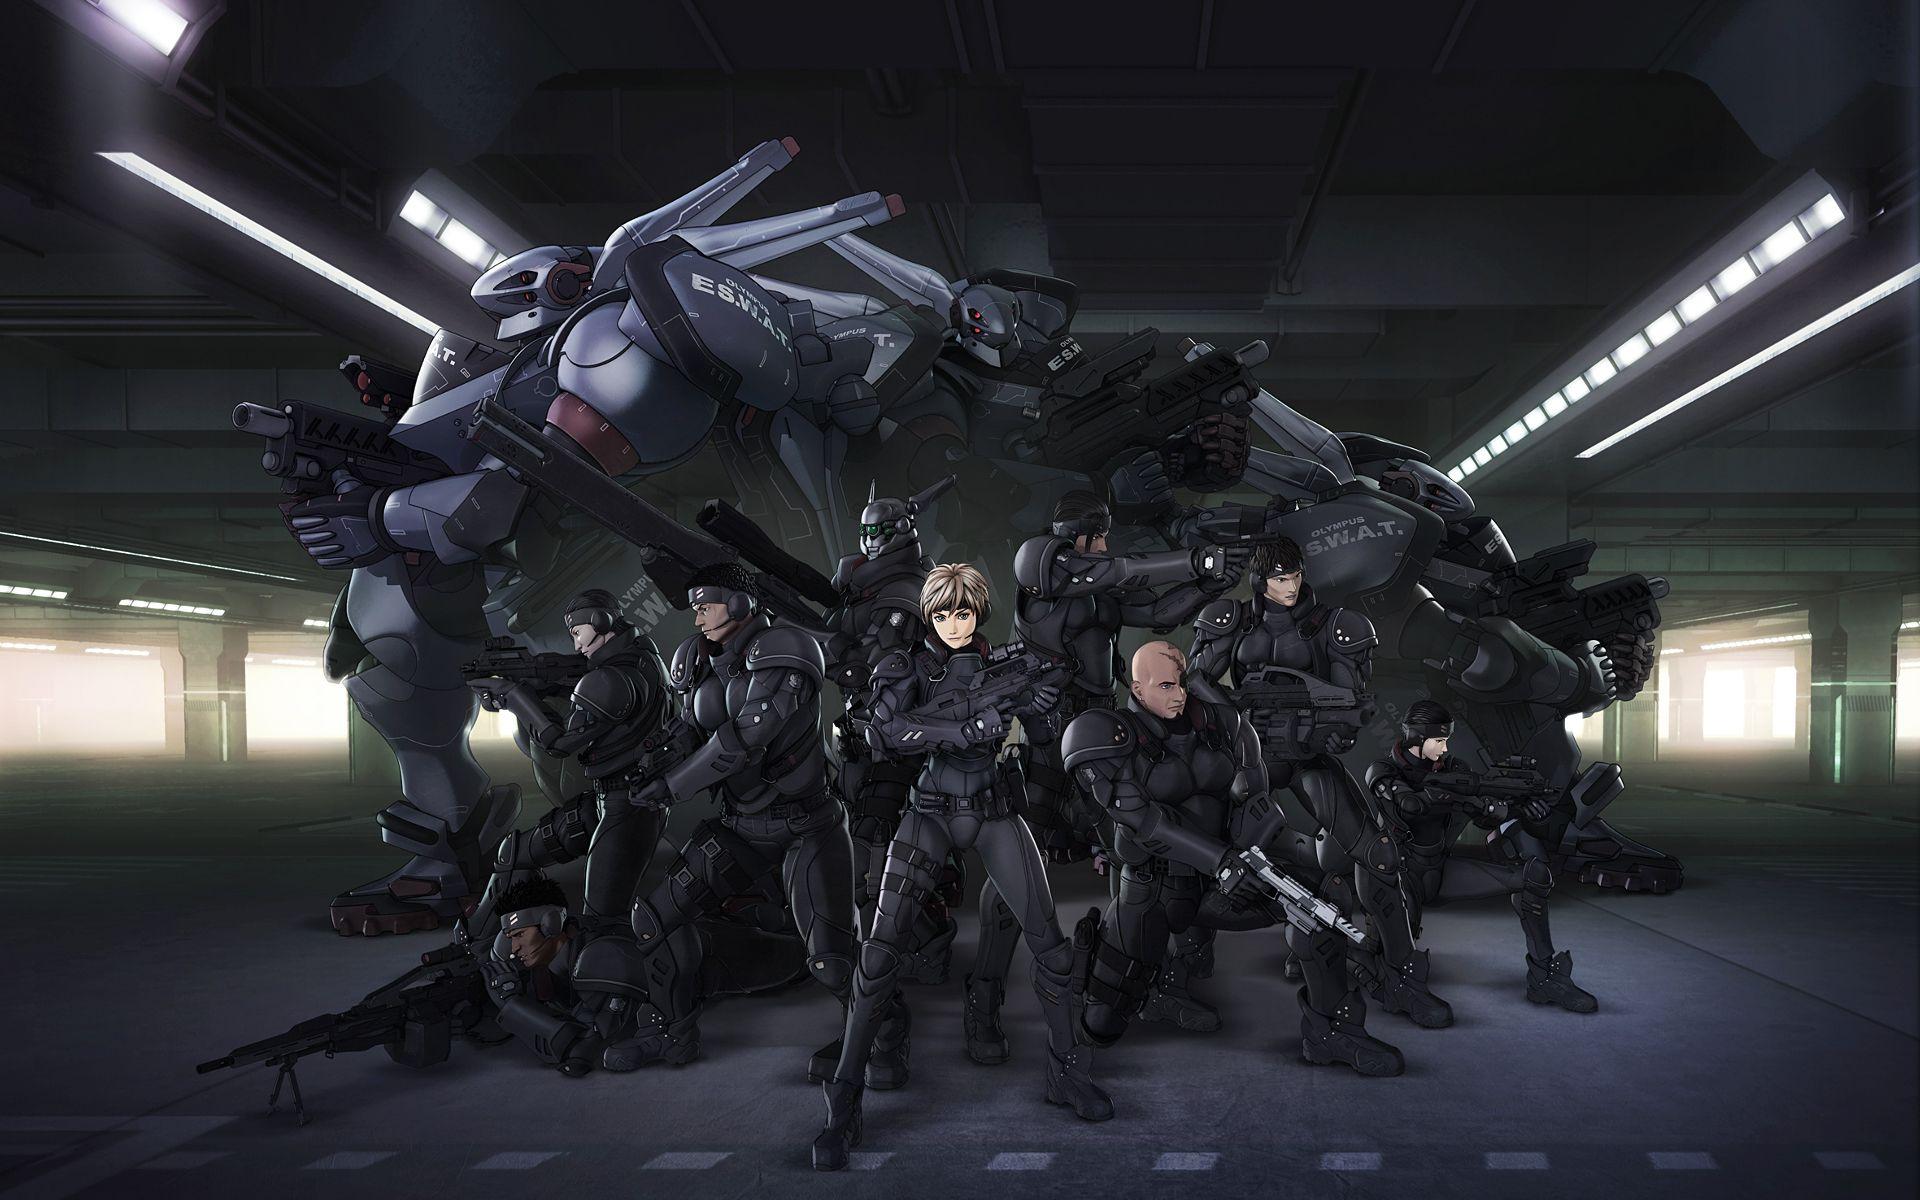 Anime Appleseed Anime Swat Wallpaper Lovelystuff In 2019